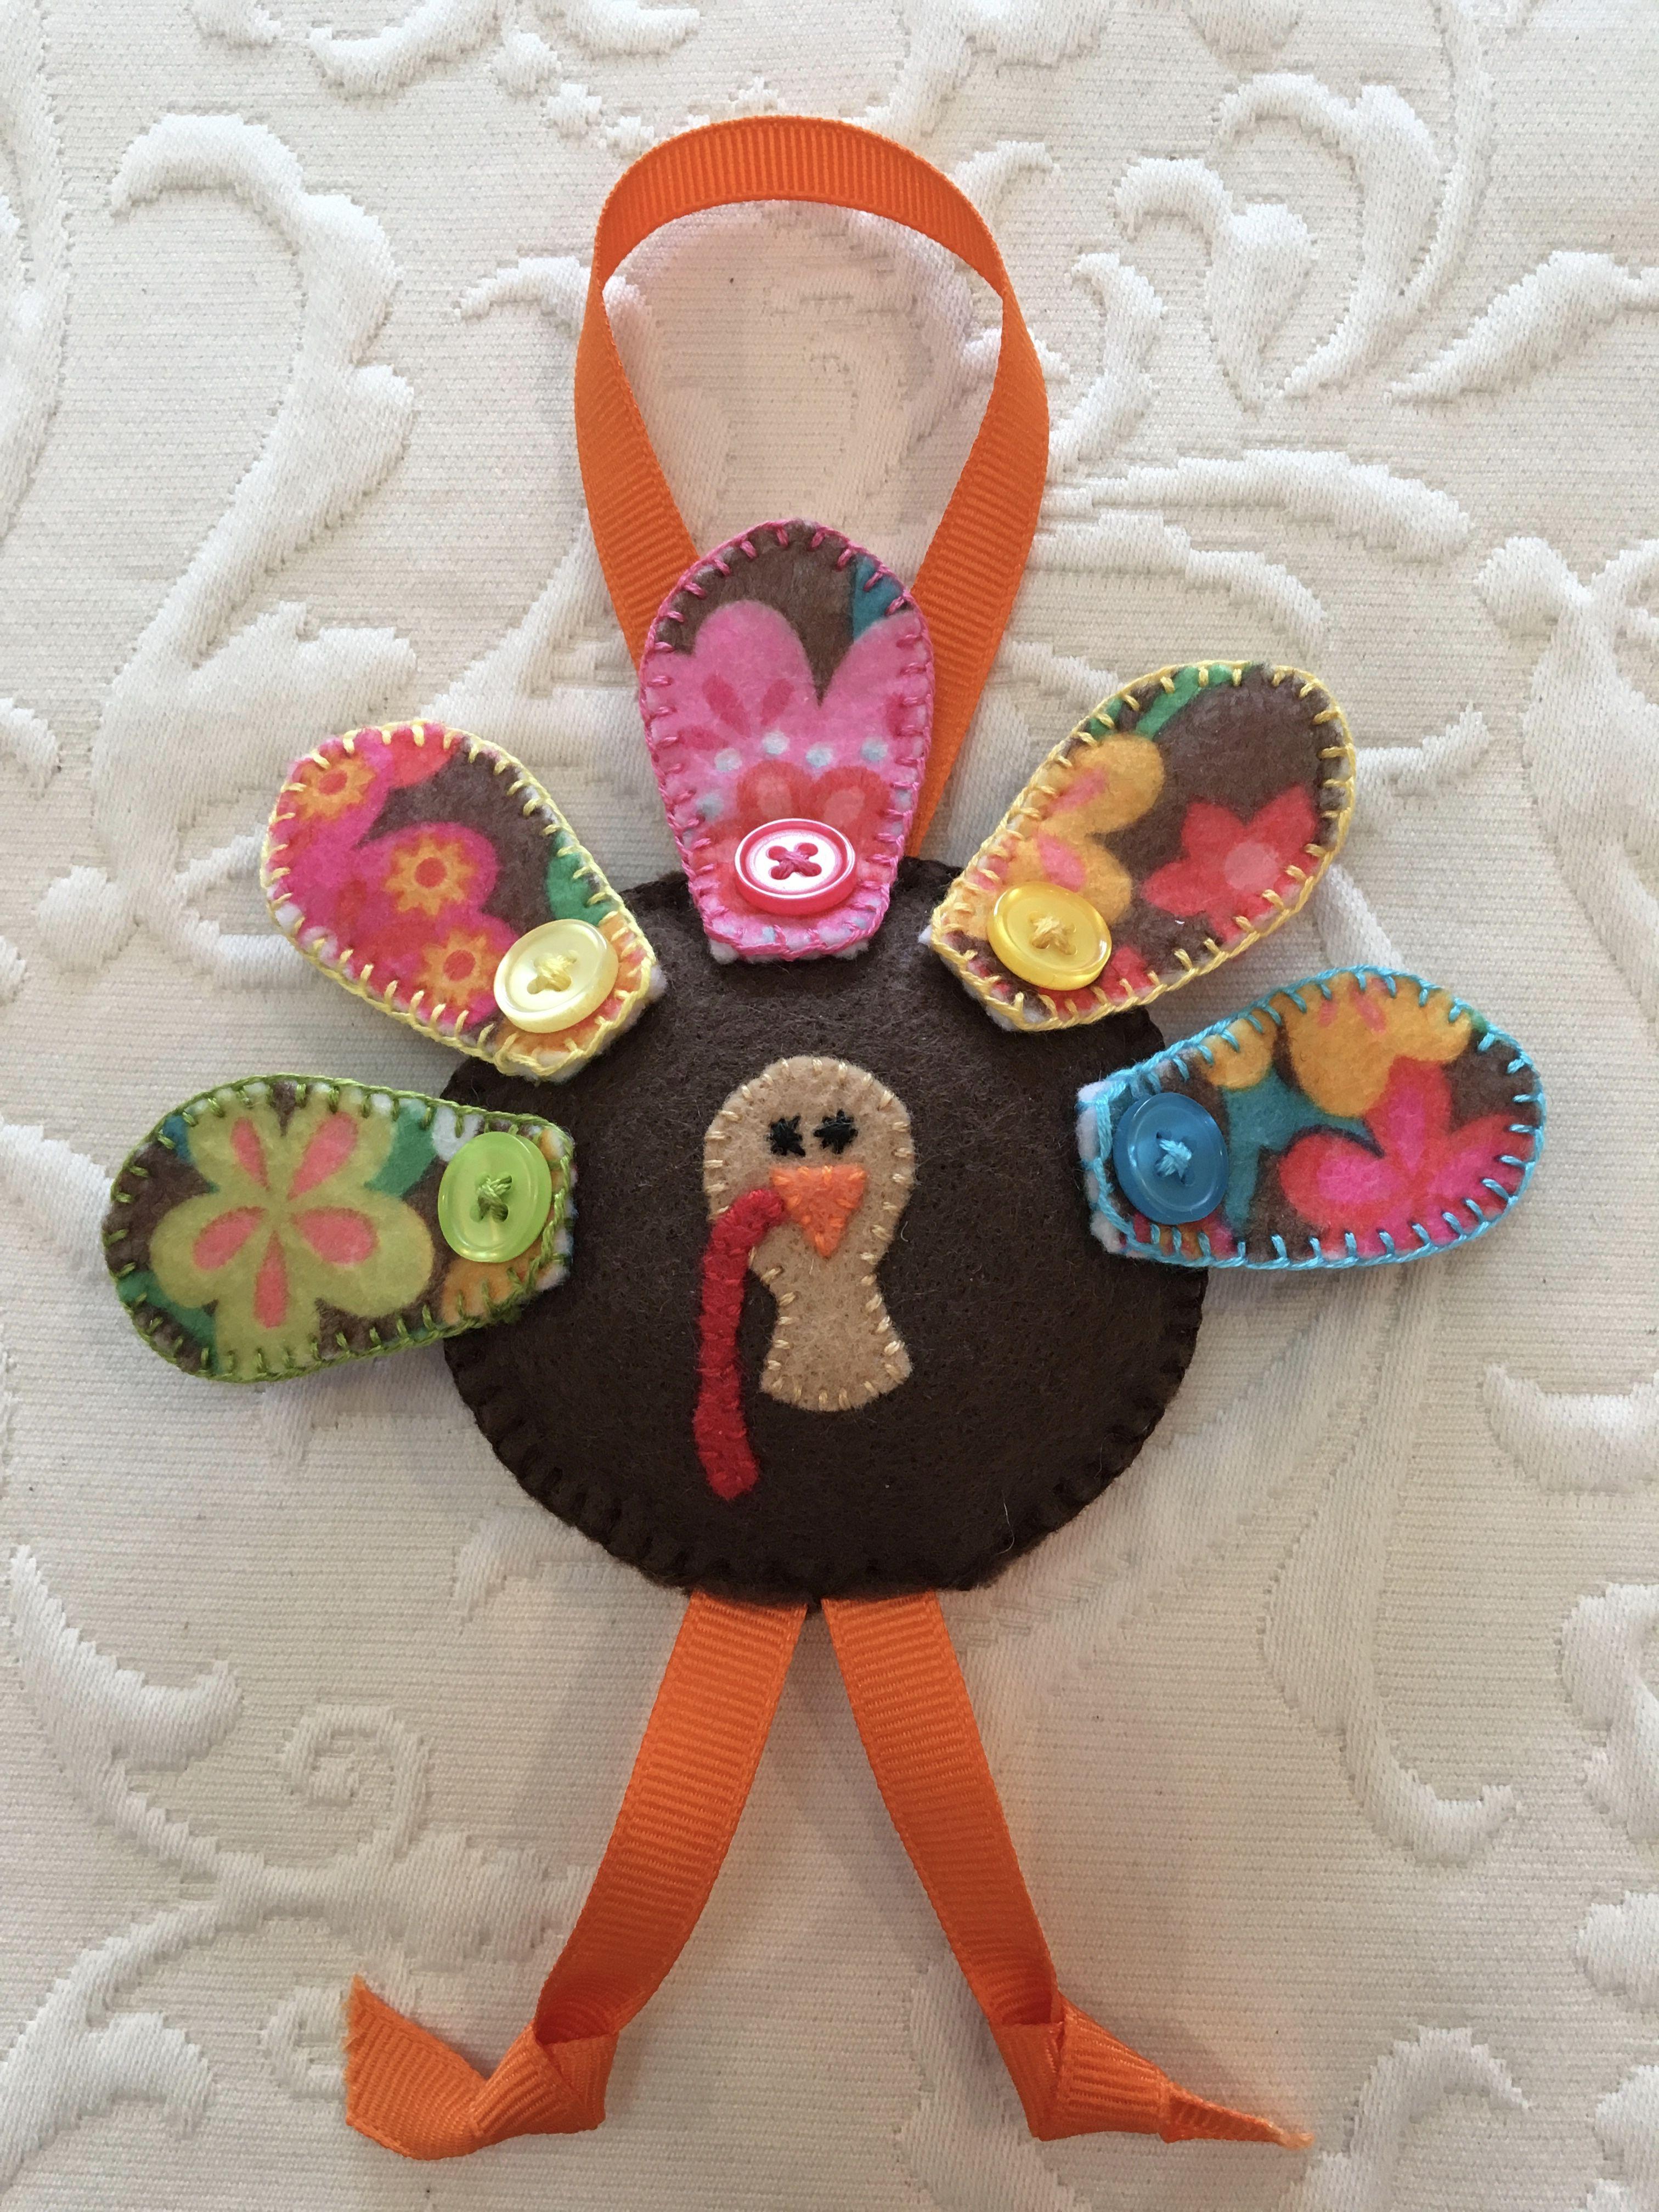 Felt Crafts Felt Ornament Thanksgiving Turkey Made By Janis Felt Ornaments Felt Crafts Wool Felt Projects